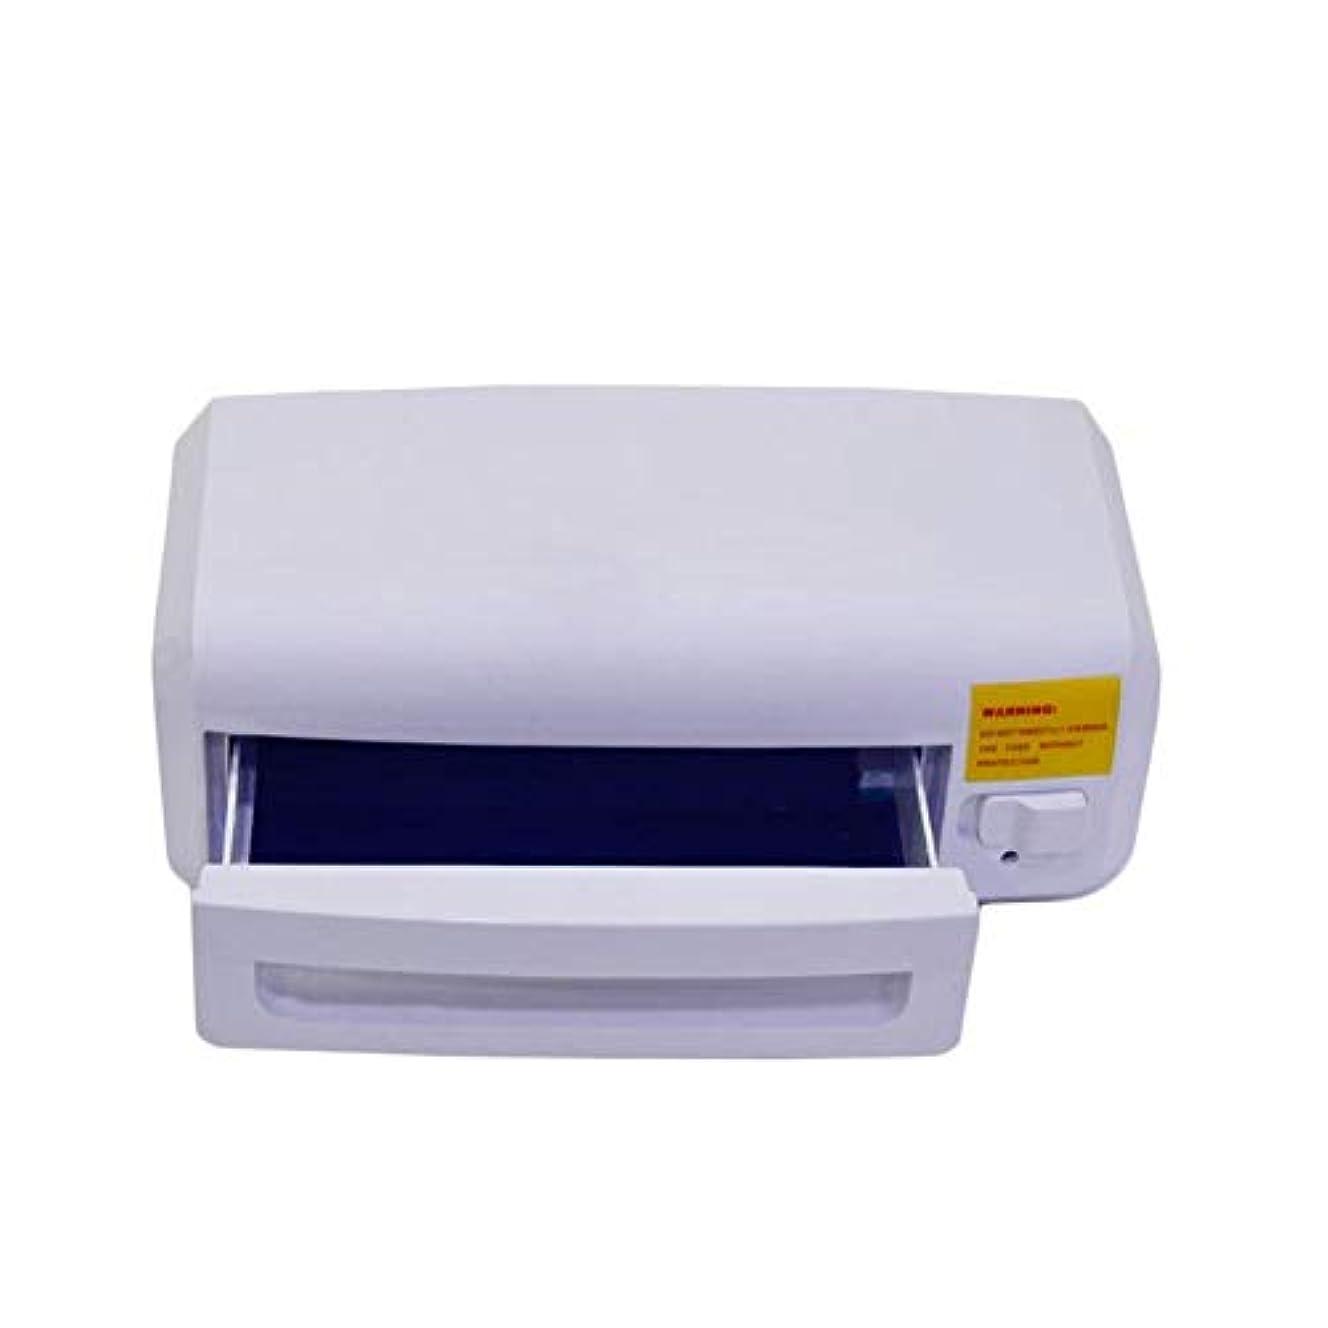 レトルトまたはオフネイル滅菌装置8ワット消毒機UVタオル消毒キャビネットマニキュア美容ツールUV滅菌サロン消毒機